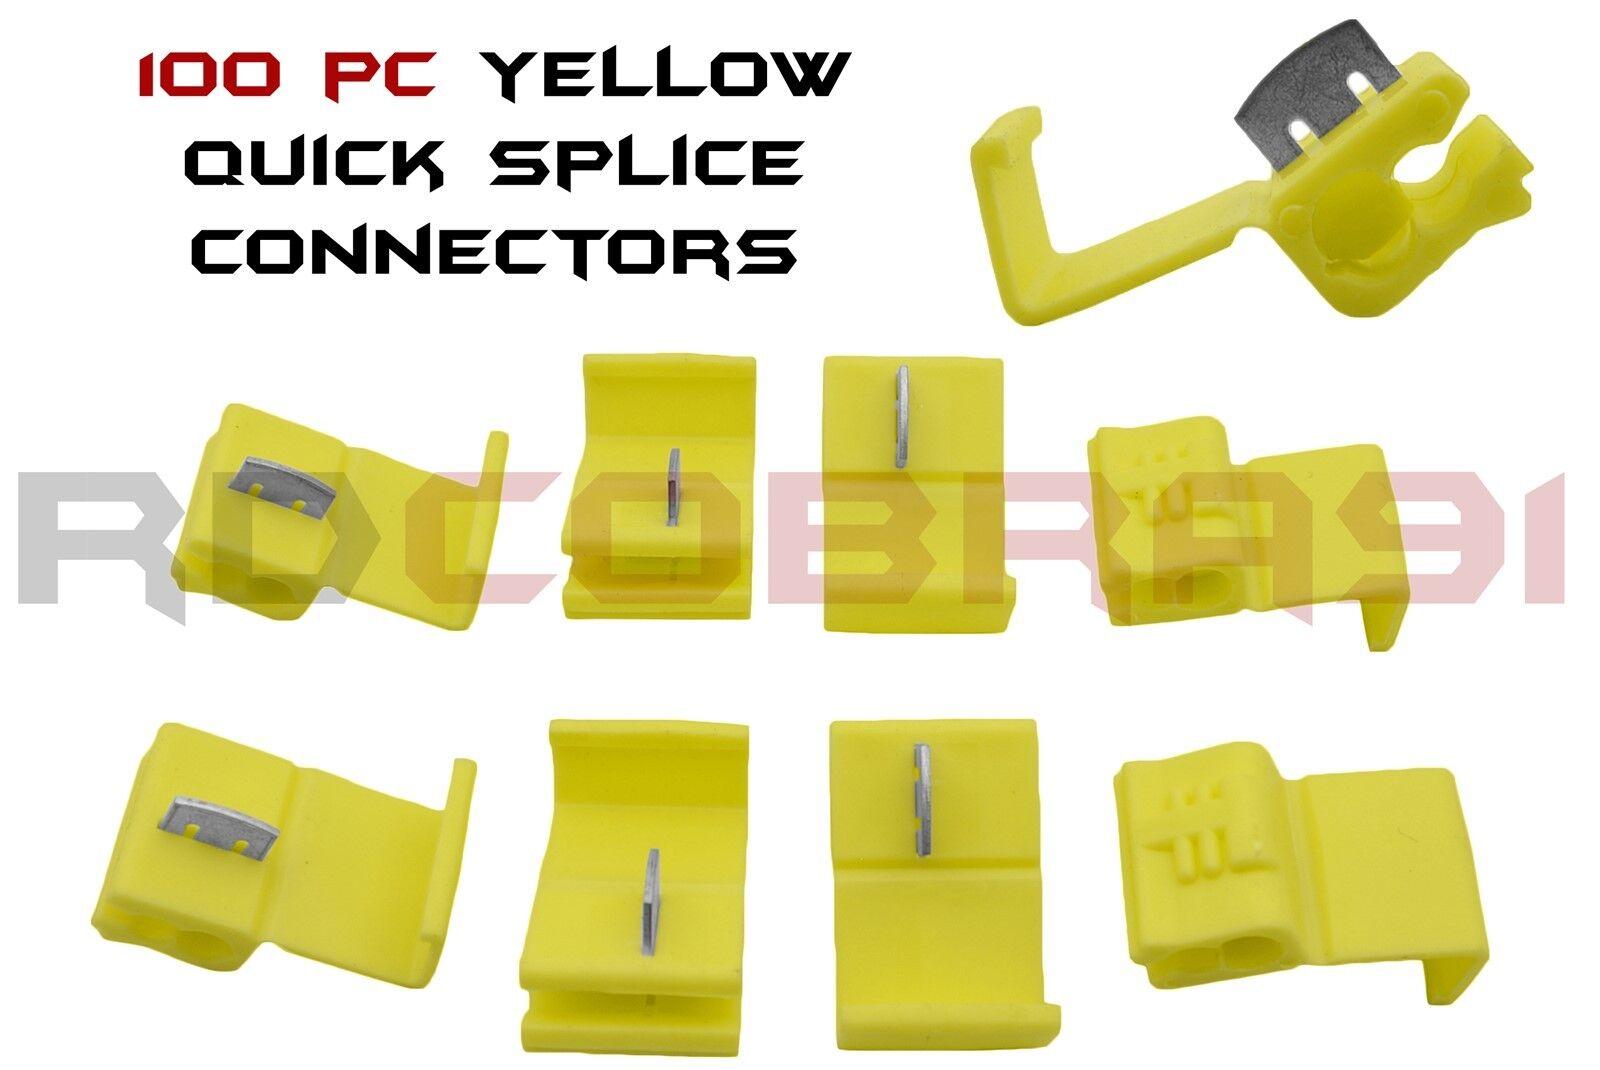 100 Pcs Yellow Solderless Wire Quick Splice Connectors 10-12 Gauge Made In U.S.A